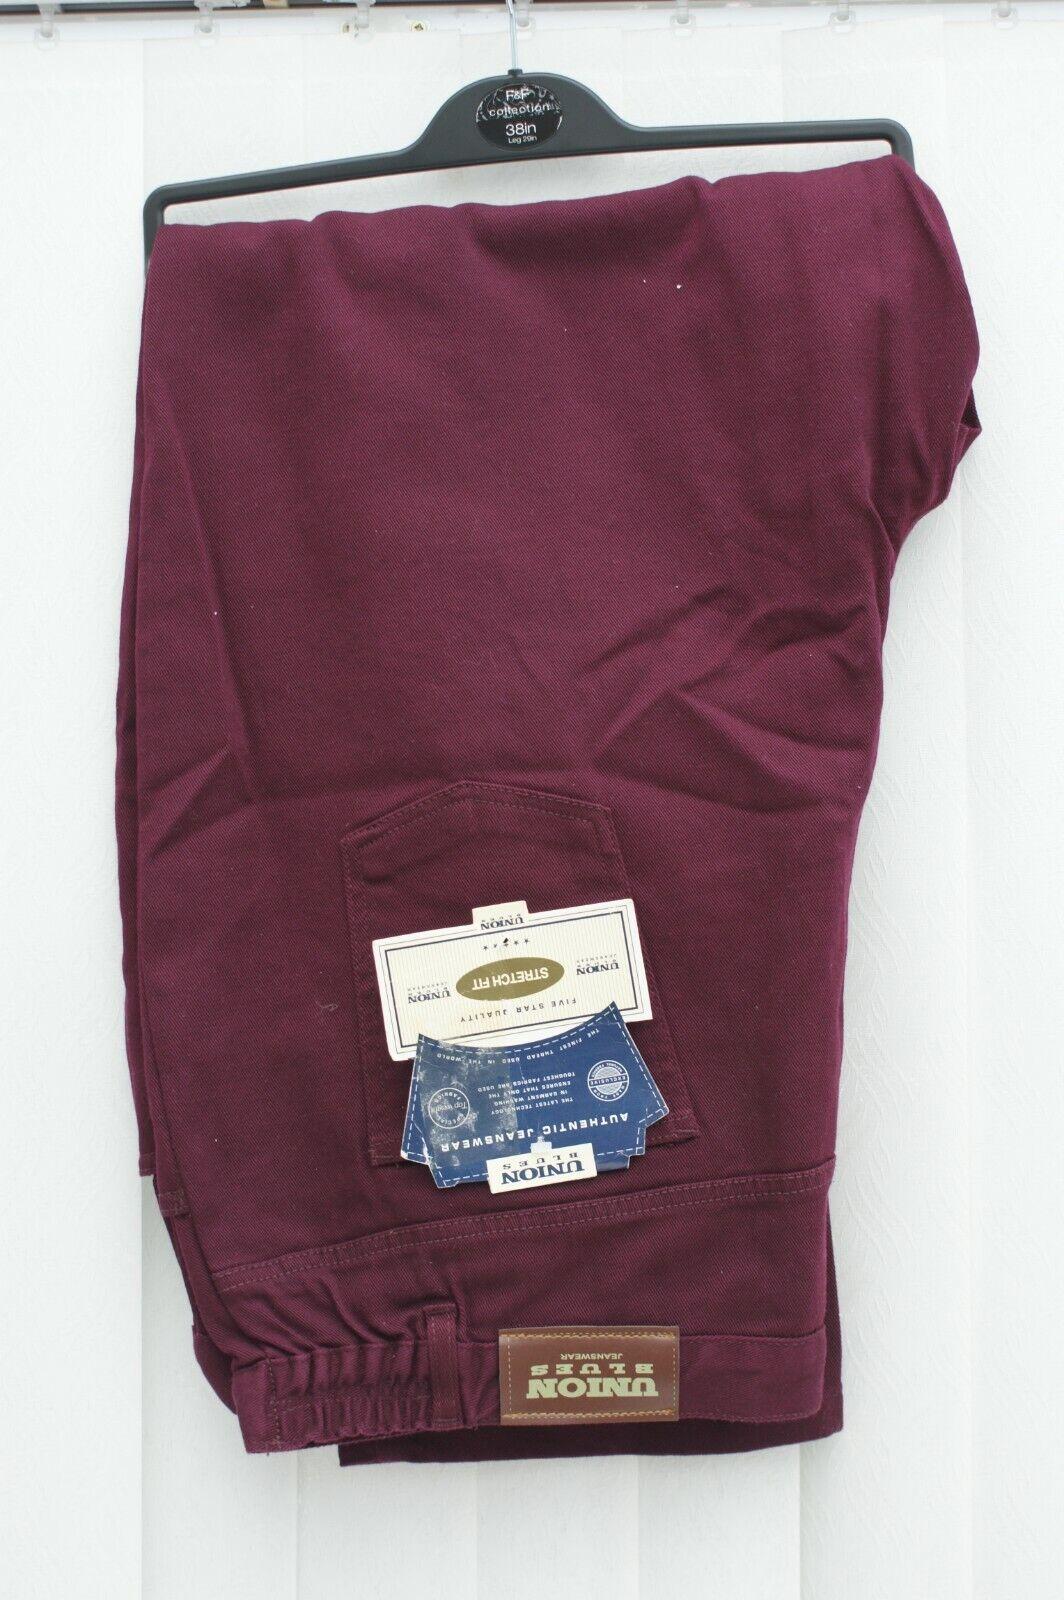 Union Blues Jeanswear Burgundy Jeans Trousers Size 28 BNWT